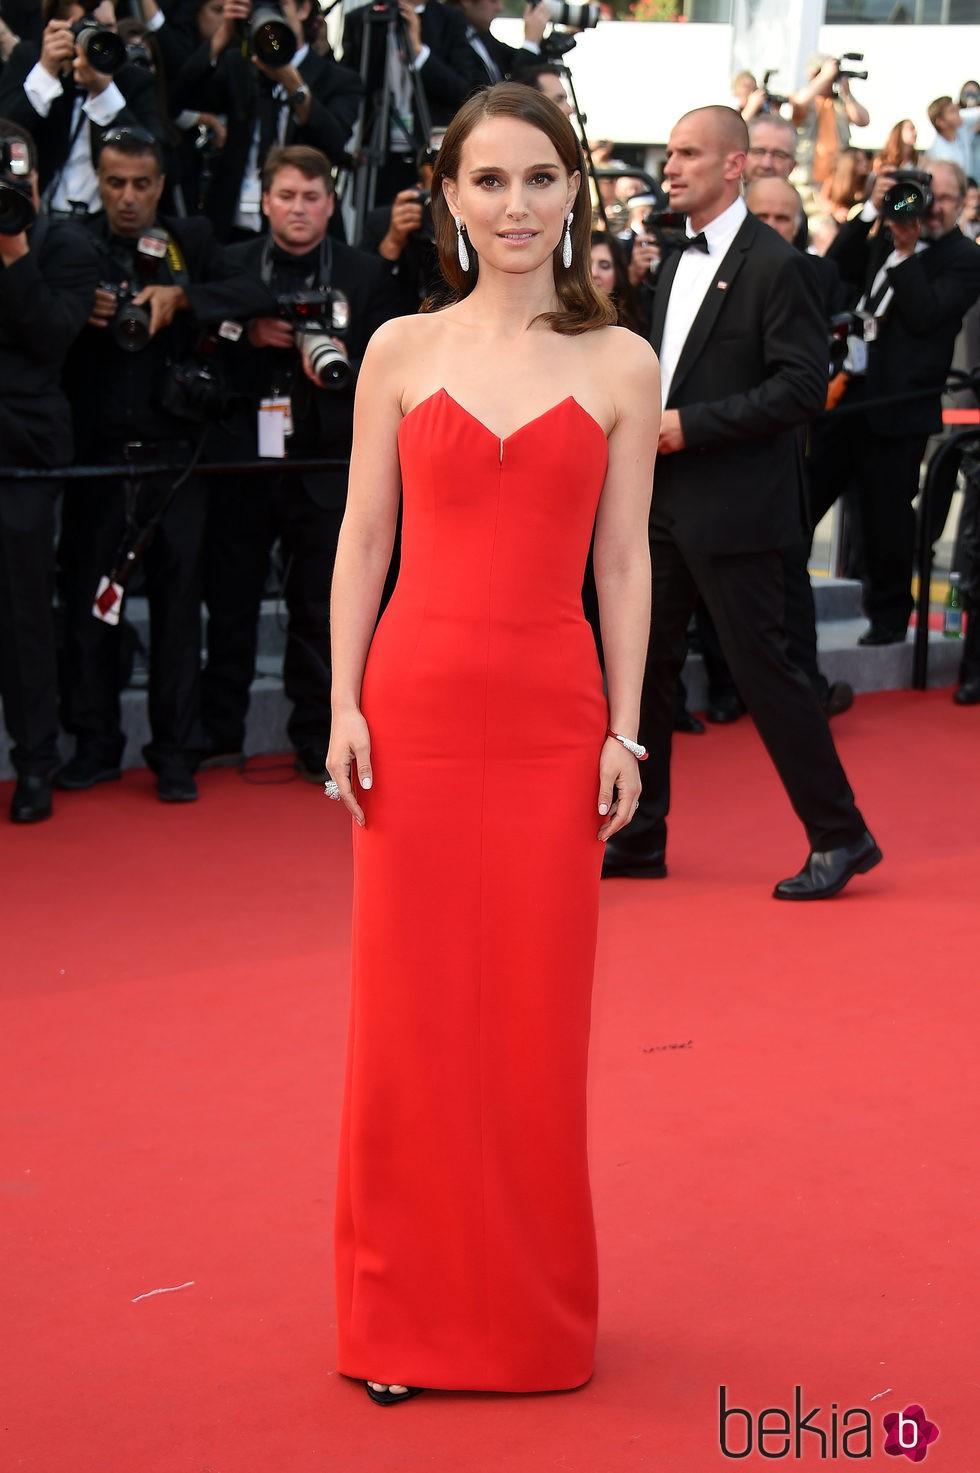 Natalie Portman en la ceremonia de inauguración del Festival de Cannes 2015